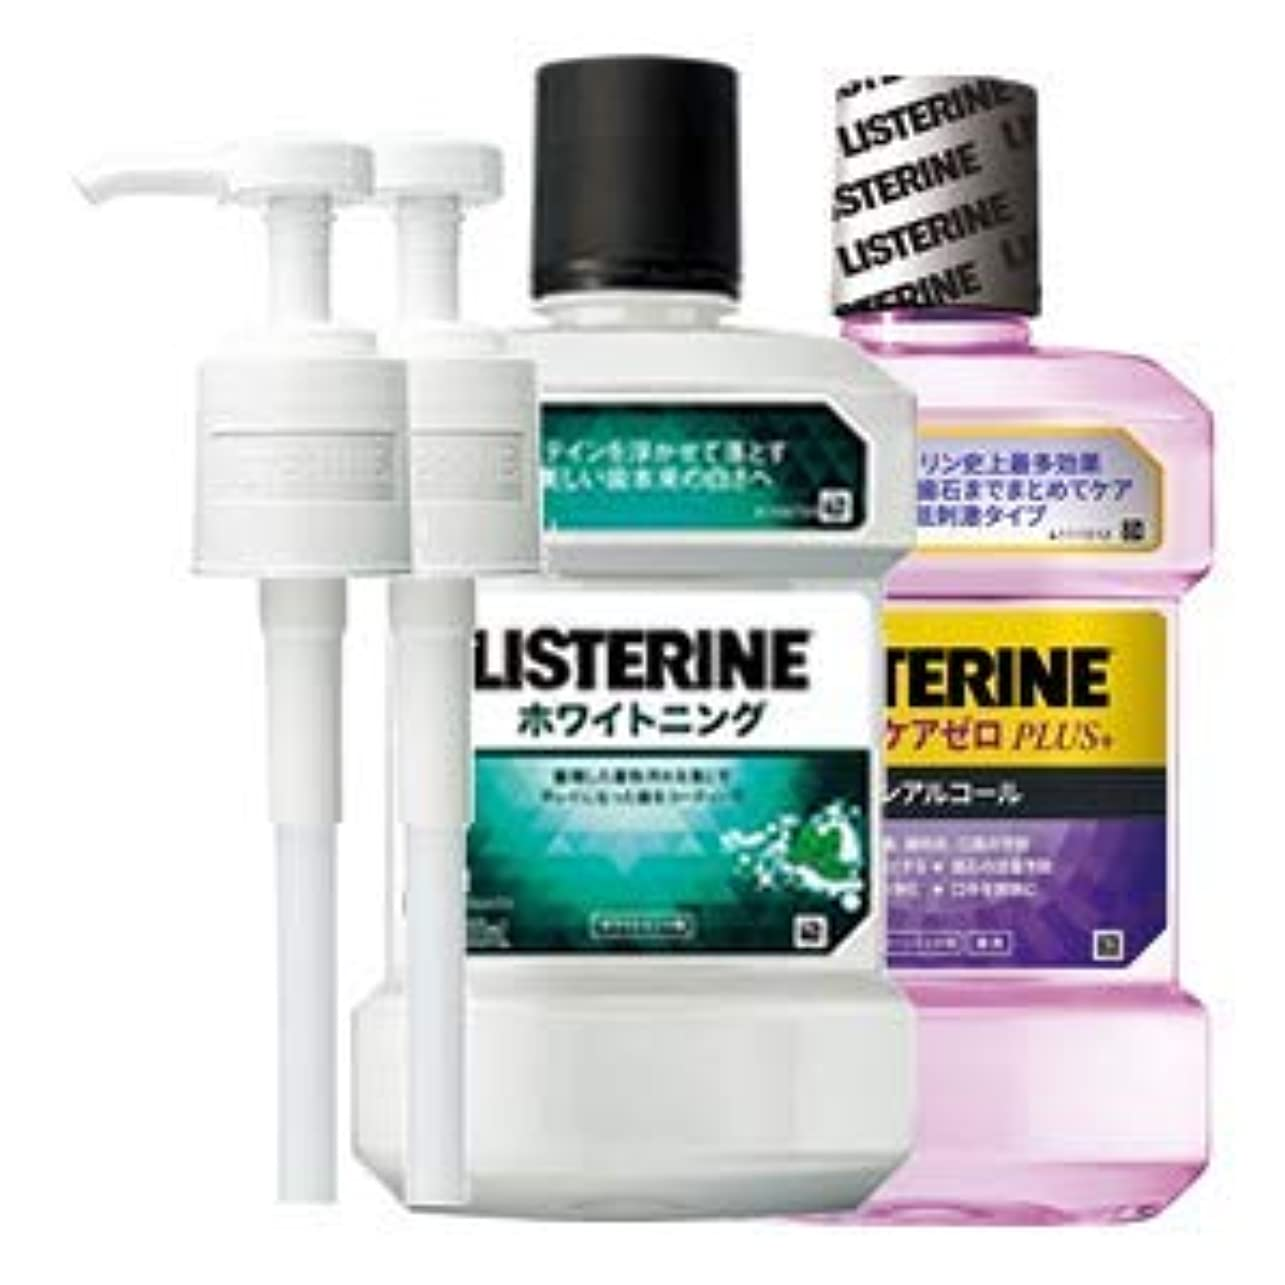 薬用 リステリン ホワイトニング トータルケアゼロプラス 1000mL 2点セット (ポンプ付)